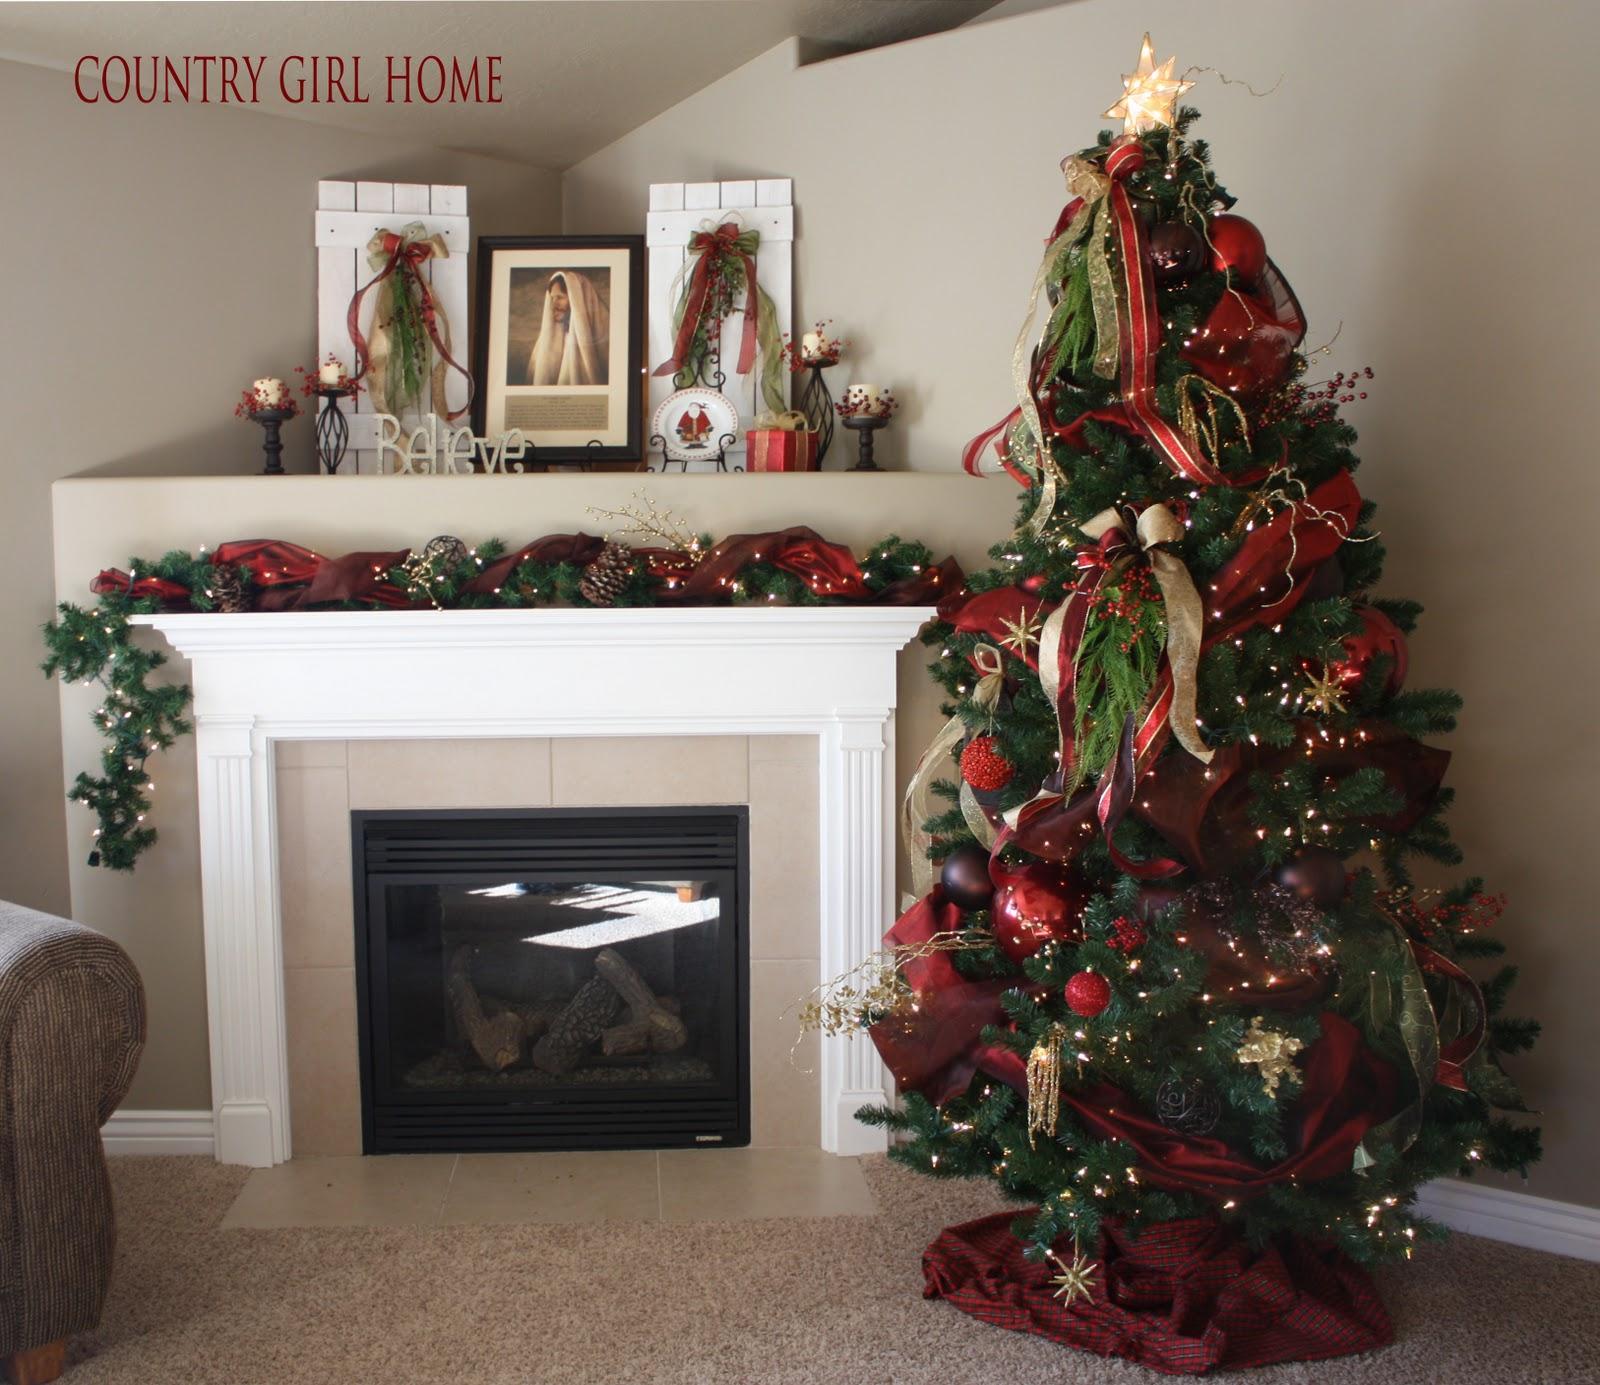 Country Girl Home More Christmas